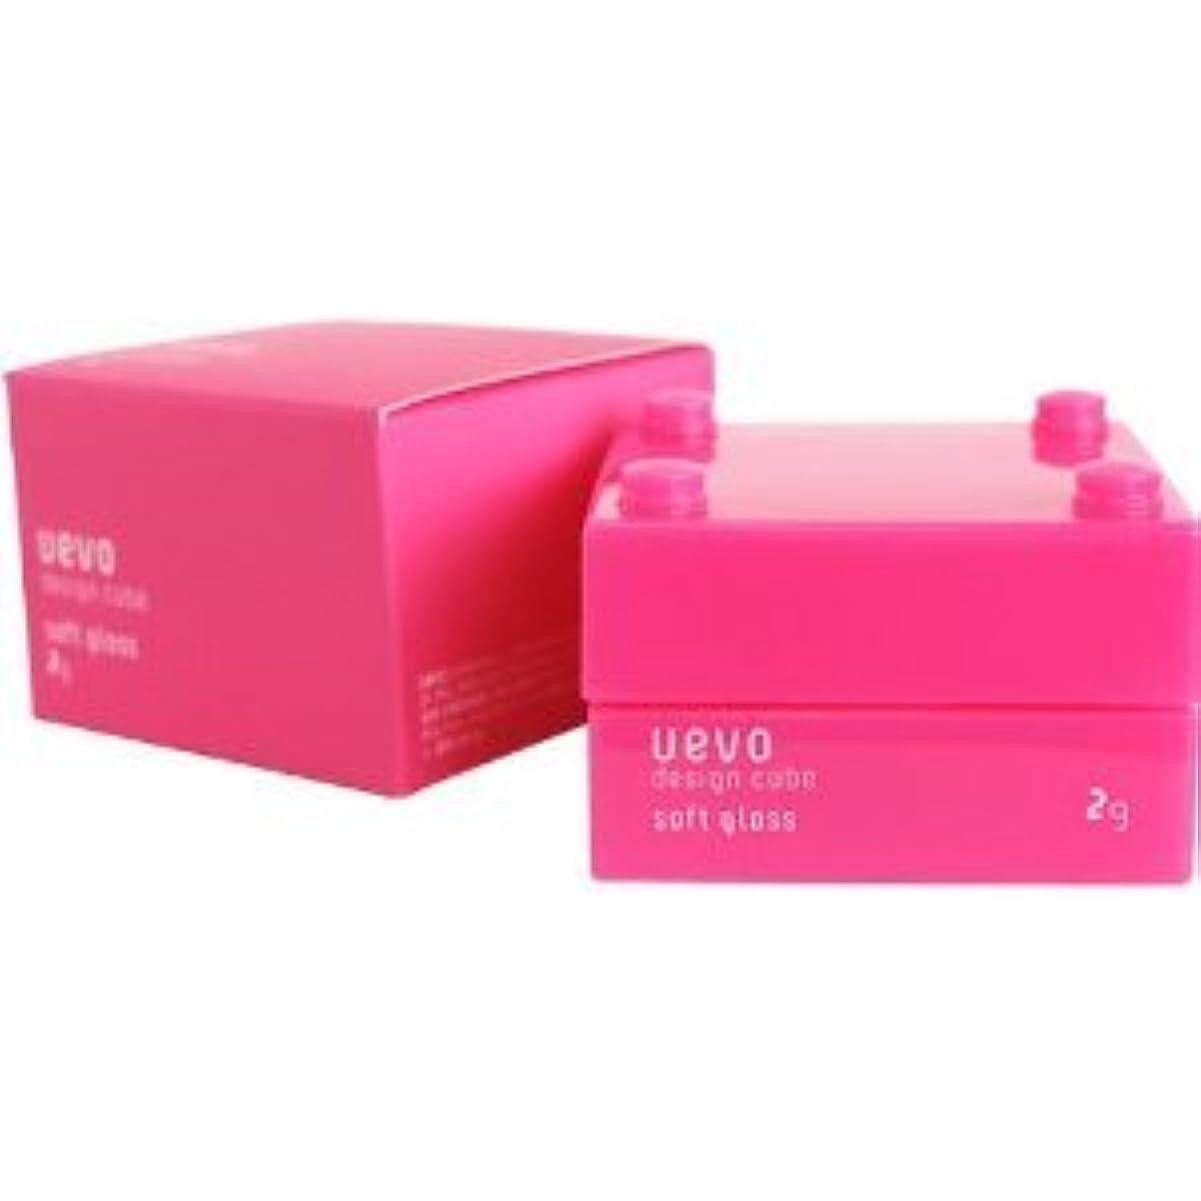 ファイナンス申請中くつろぐ【X2個セット】 デミ ウェーボ デザインキューブ ソフトグロス 30g soft gloss DEMI uevo design cube